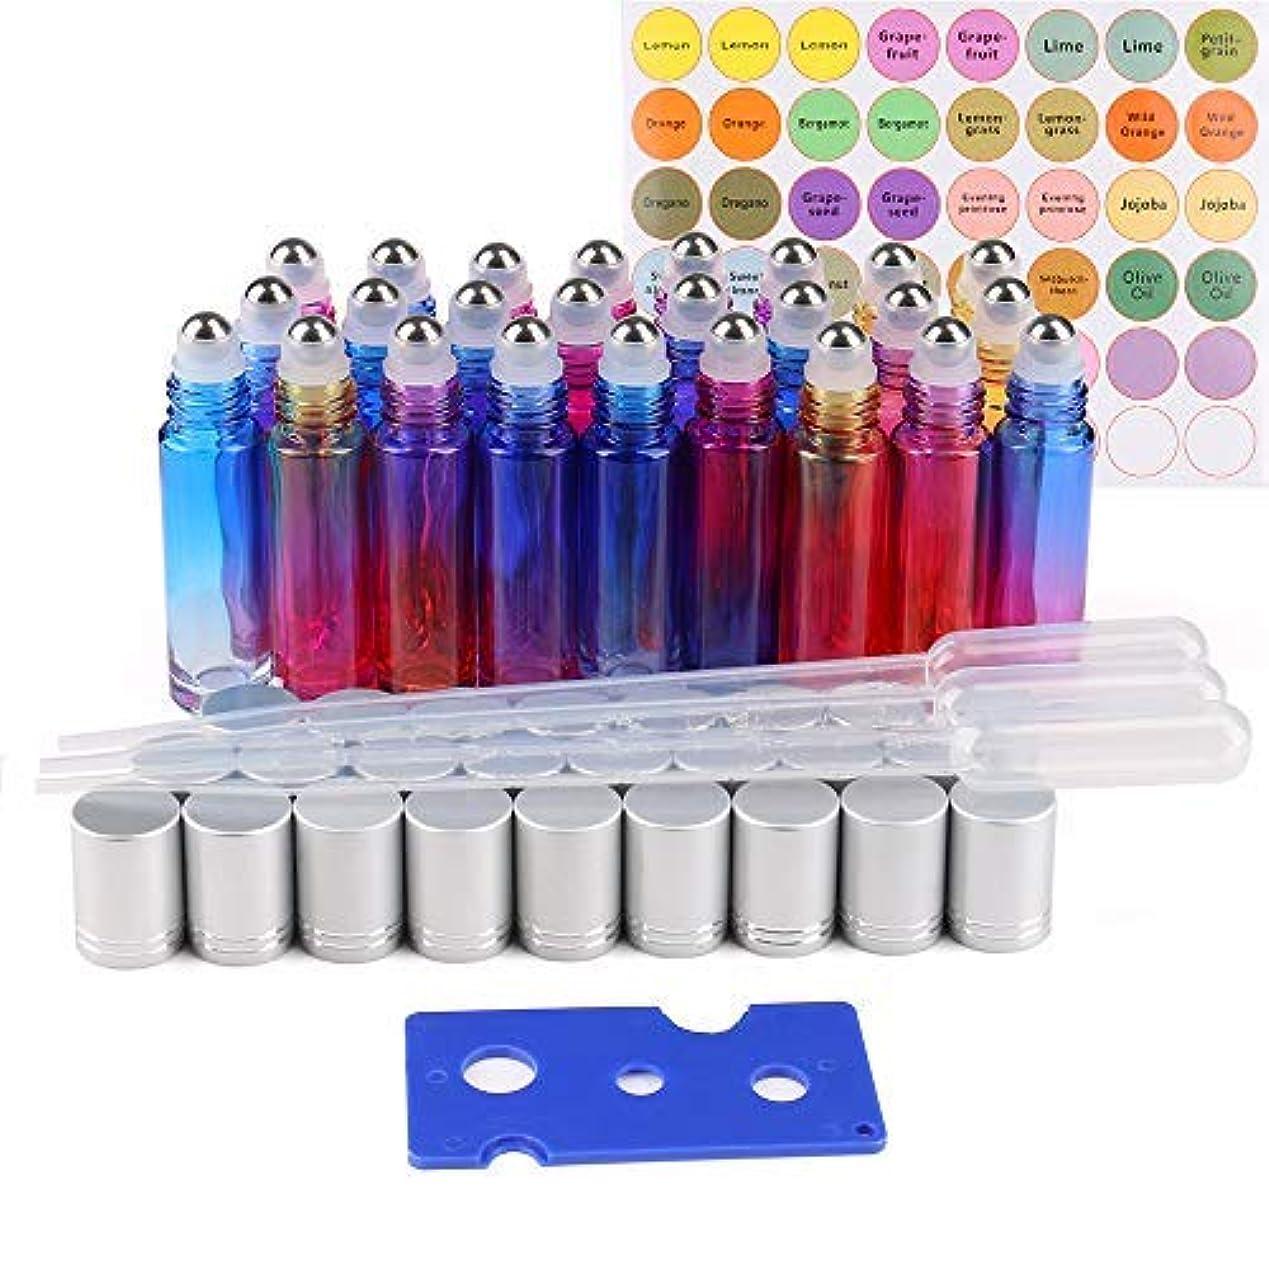 帝国あいさつ砲兵25 Pack Essential Oil Roller Bottles, 10ml Gradient Color Roll on Bottles with Stainless Steel Roller Balls for...